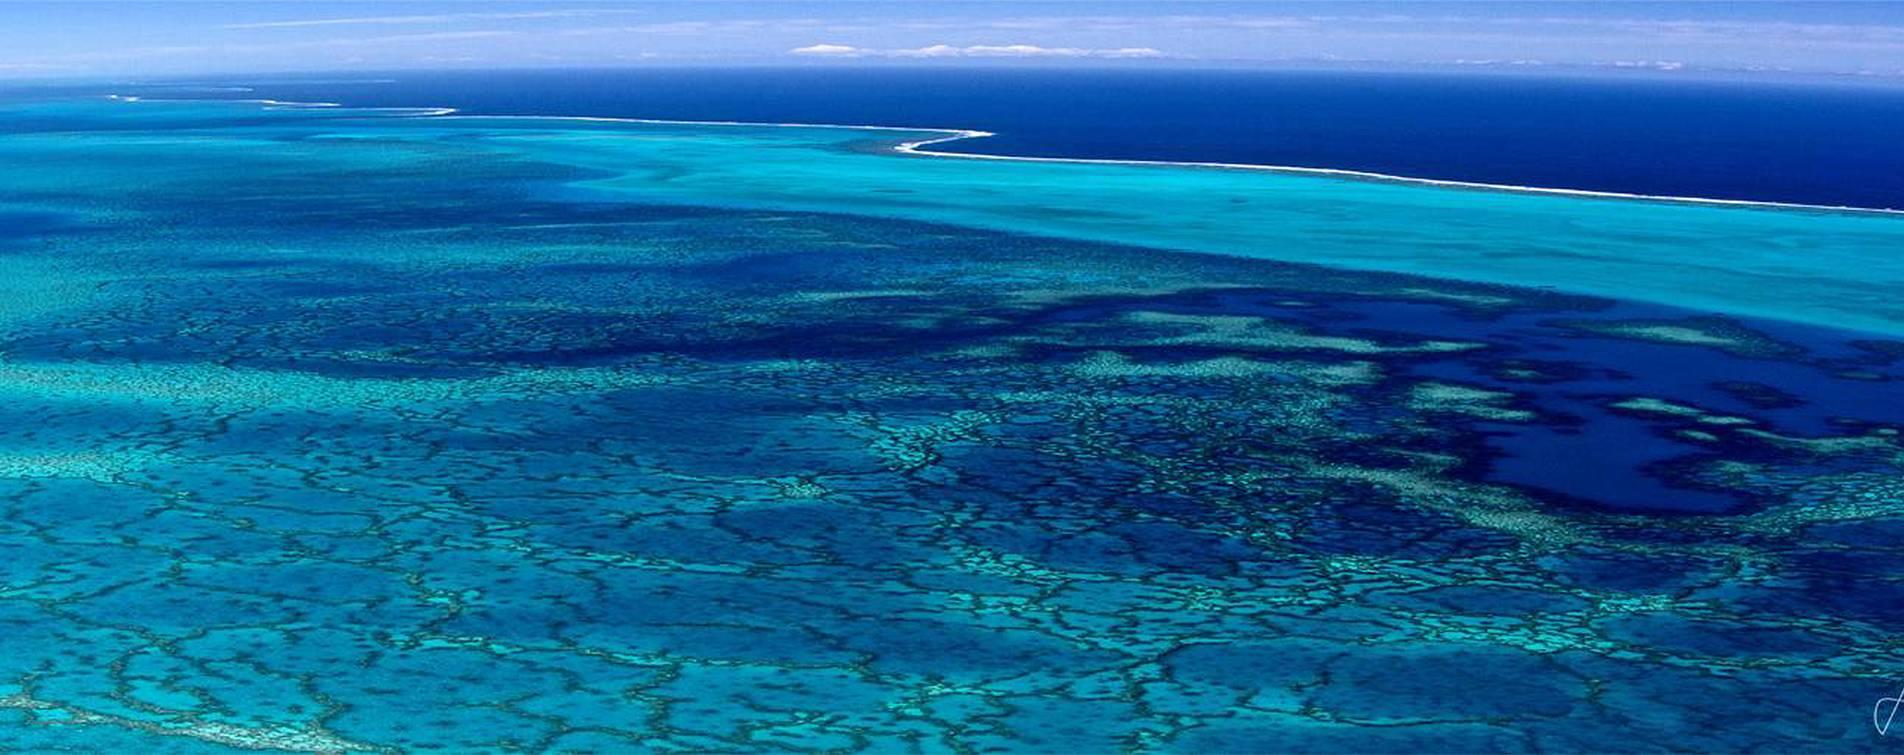 Sea Art Gallery Nouvelle calédonie